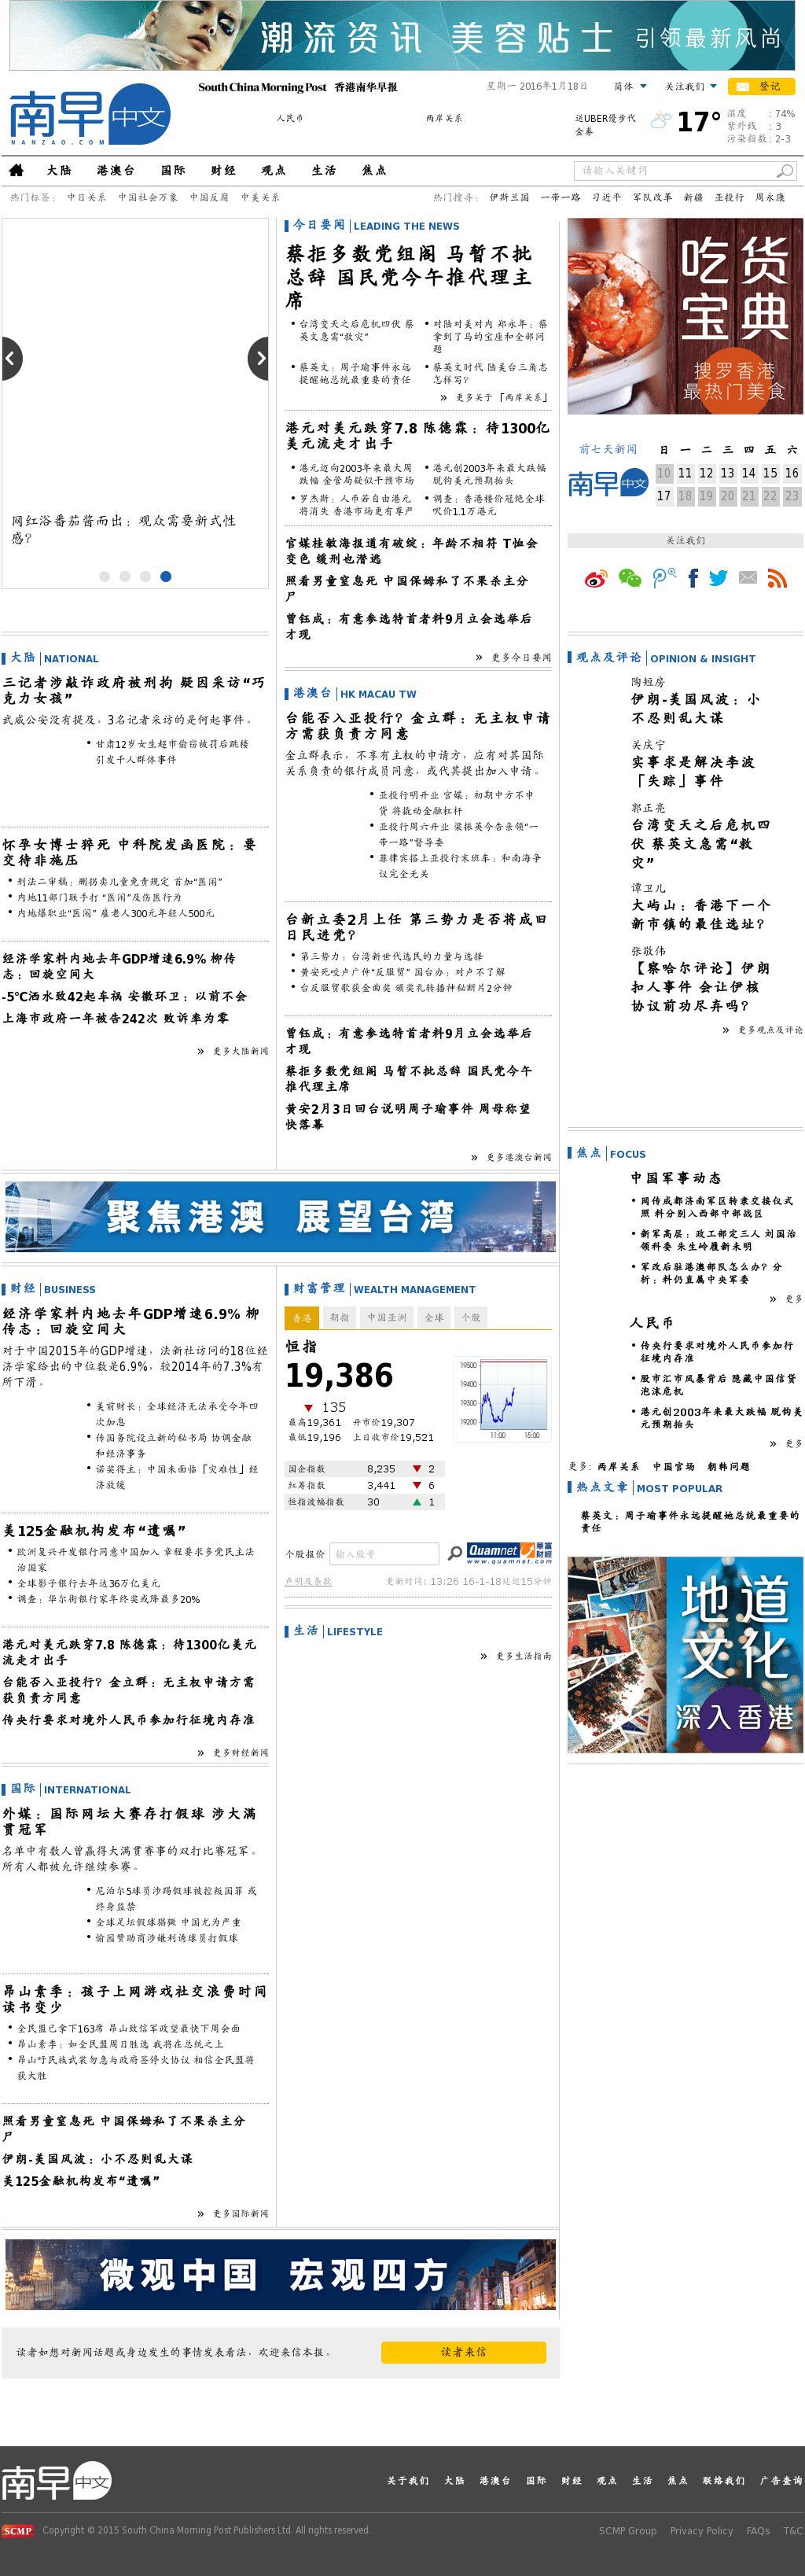 South China Morning Post (Chinese) at Monday Jan. 18, 2016, 5:28 a.m. UTC